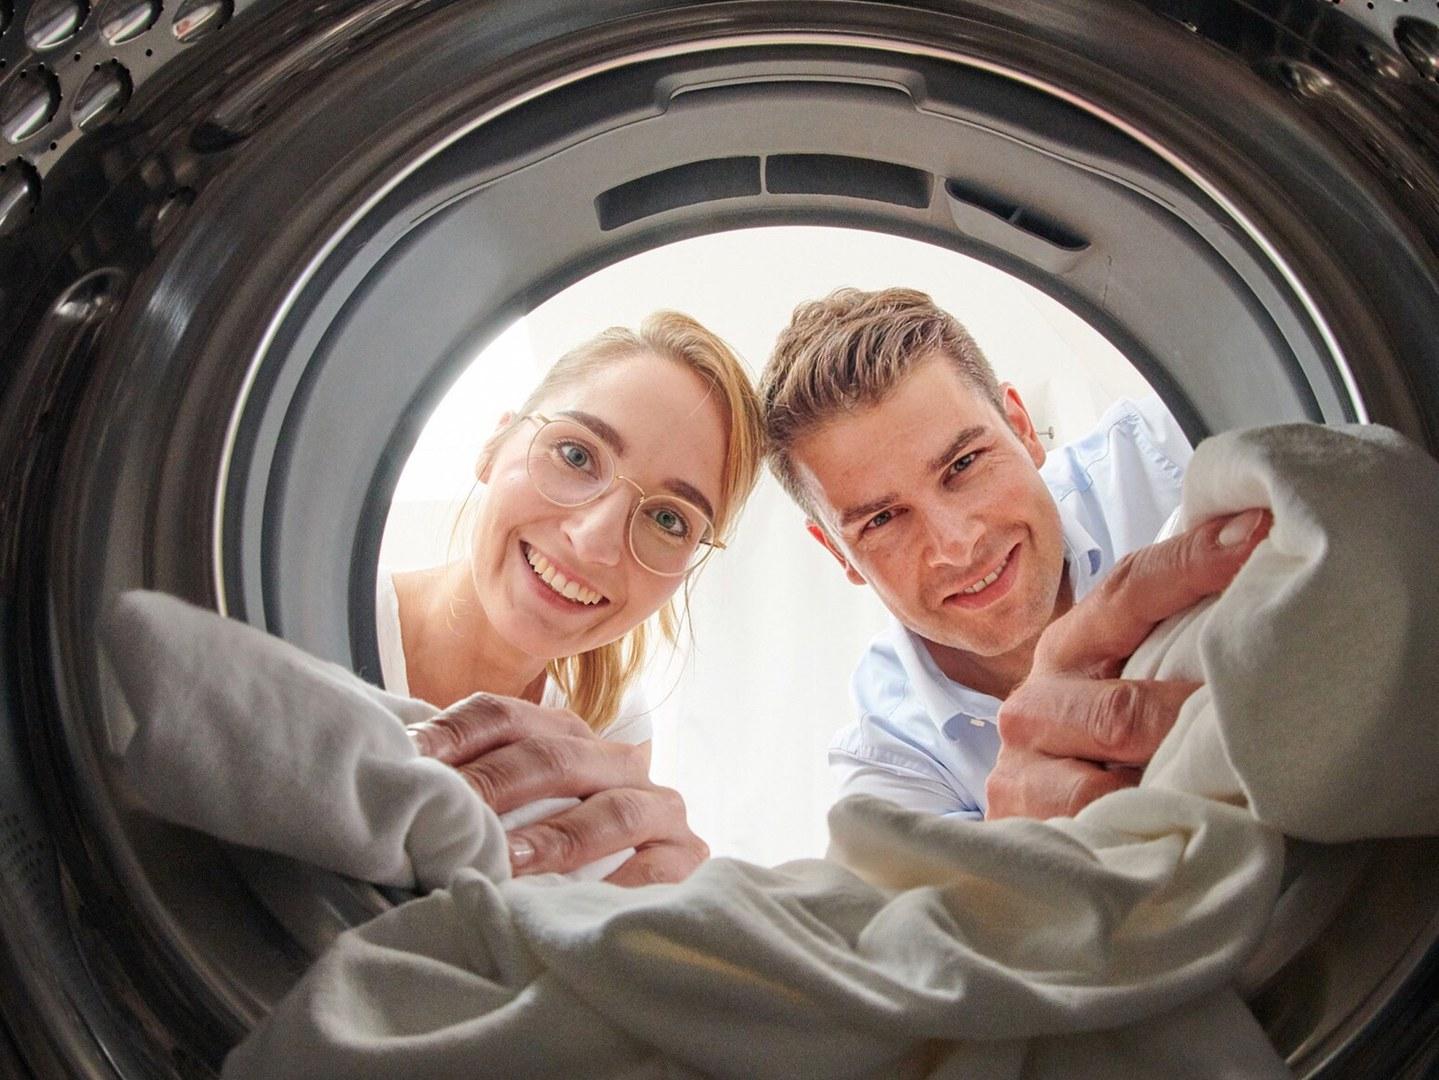 Auch Waschmaschinen können gefährliche Keime enthalten: